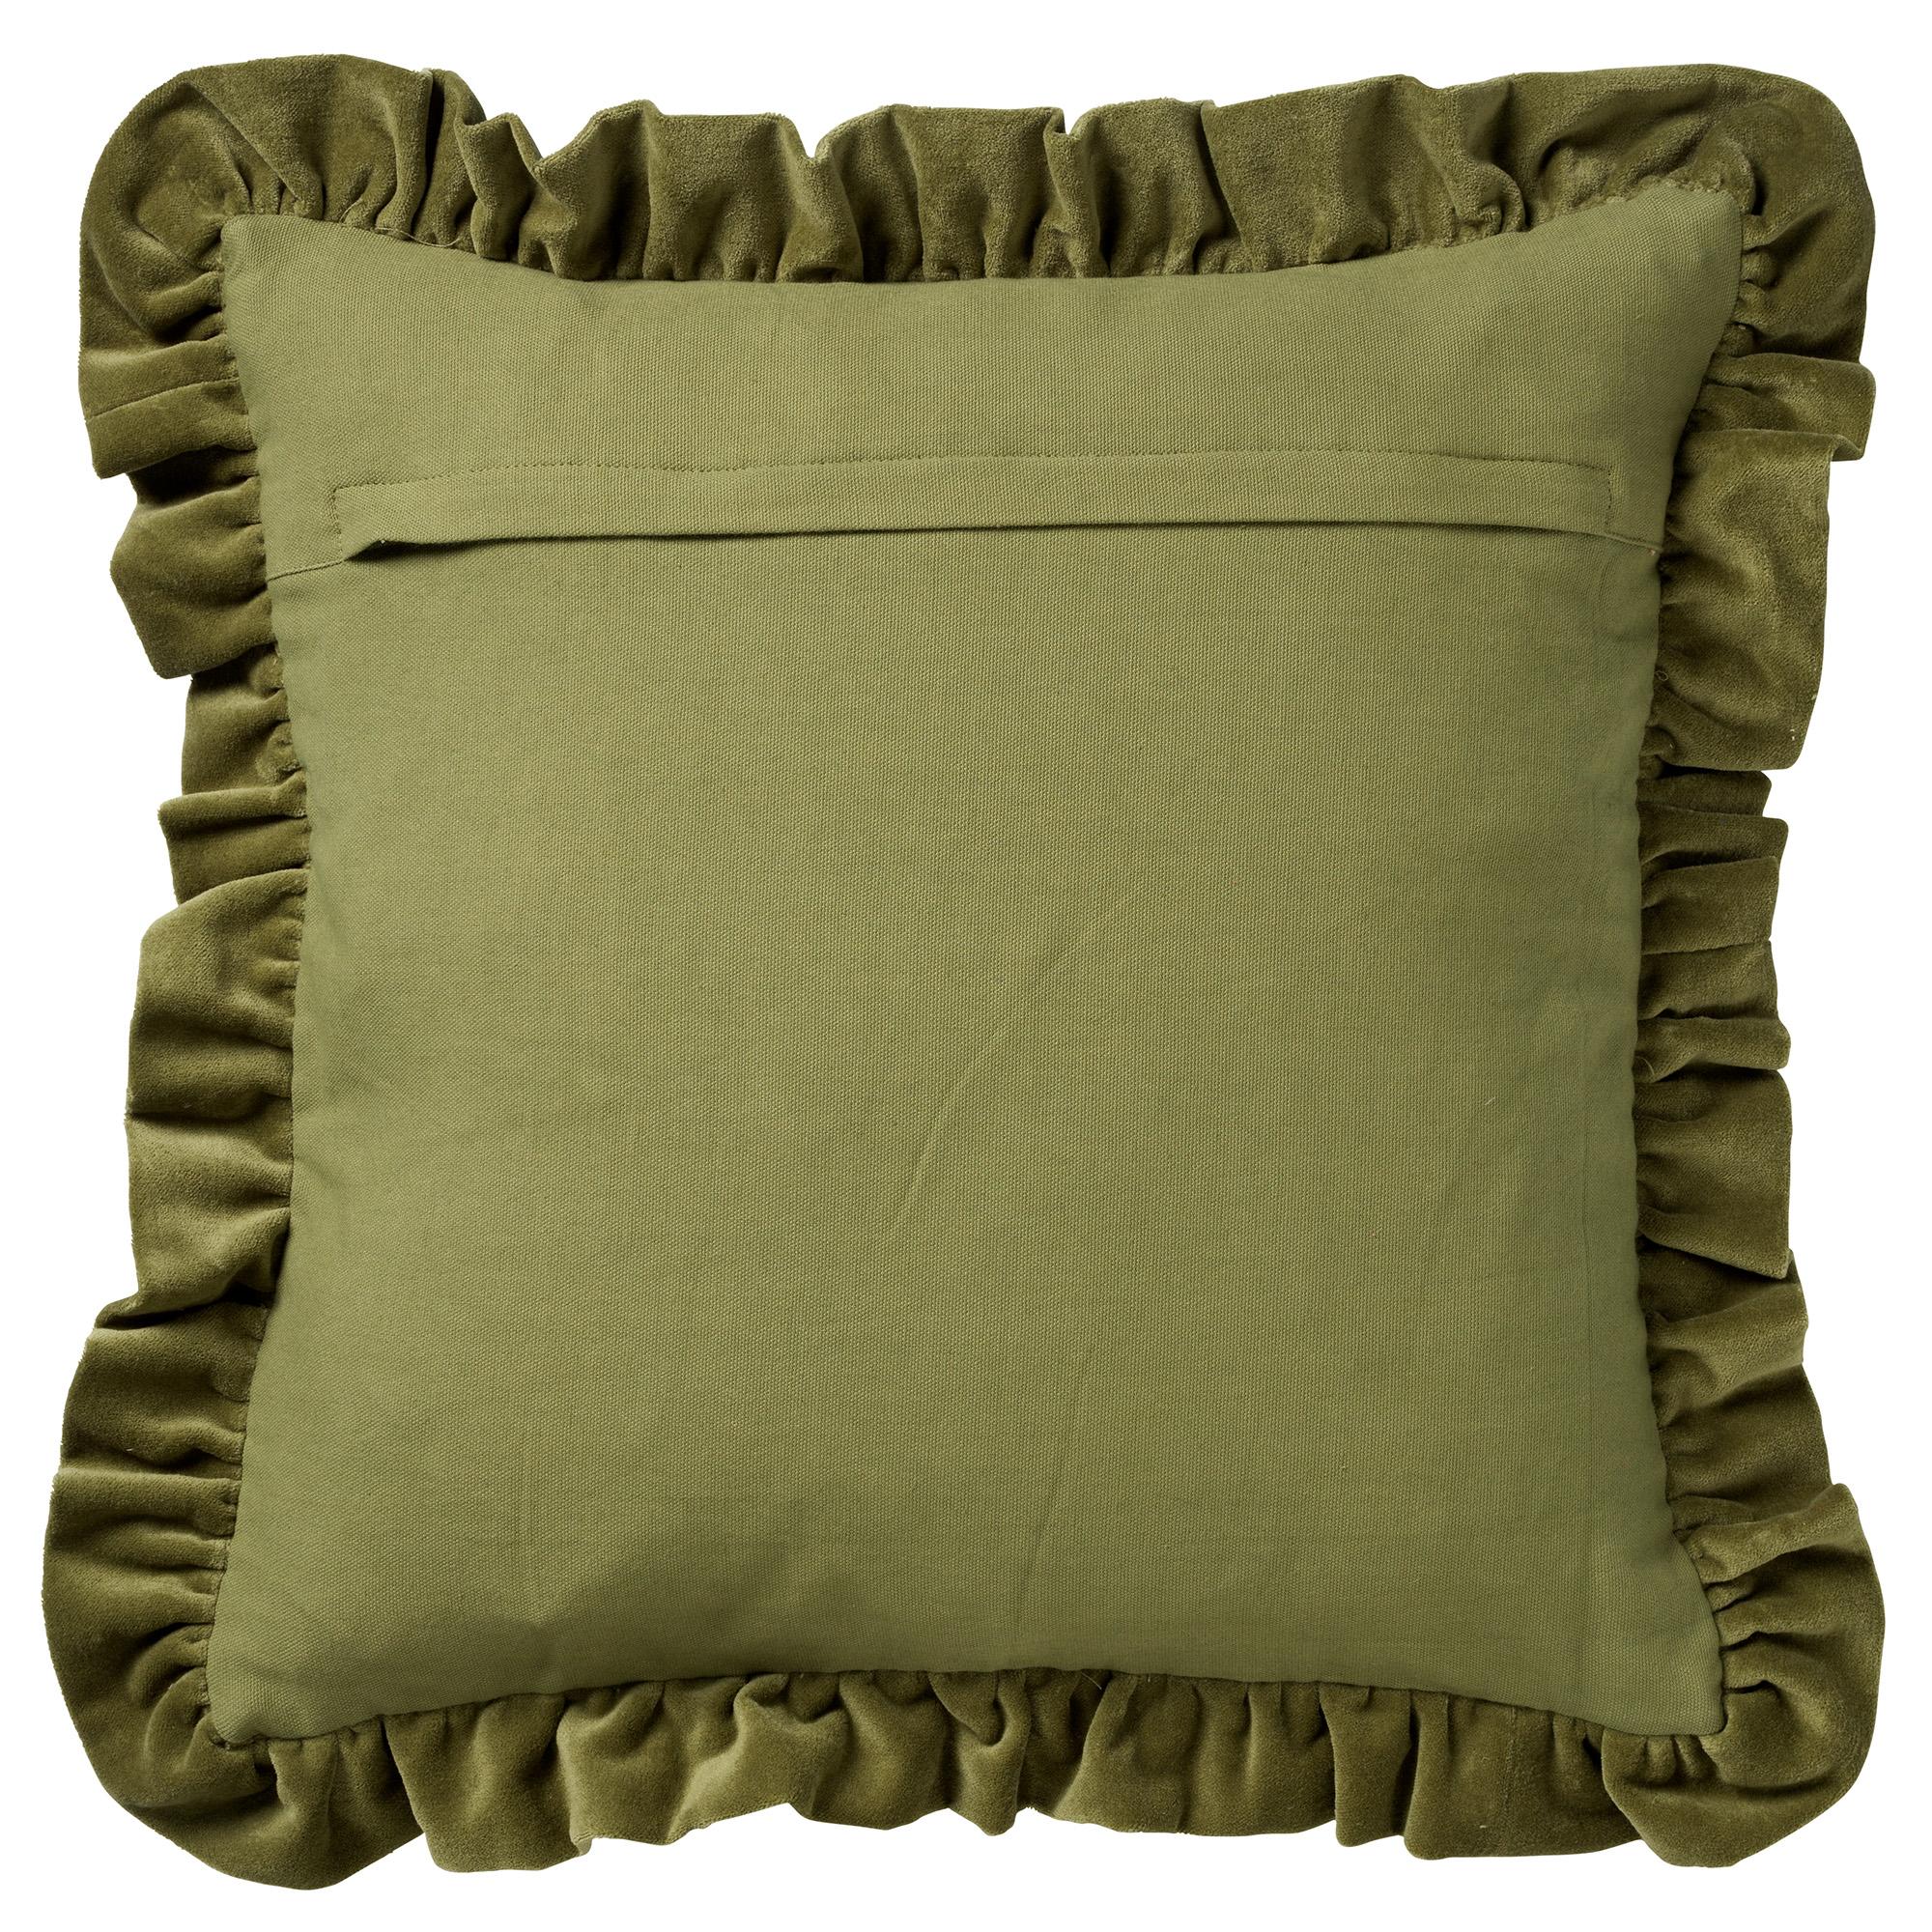 YARA - Kussenhoes velvet Calliste Green 45x45 cm